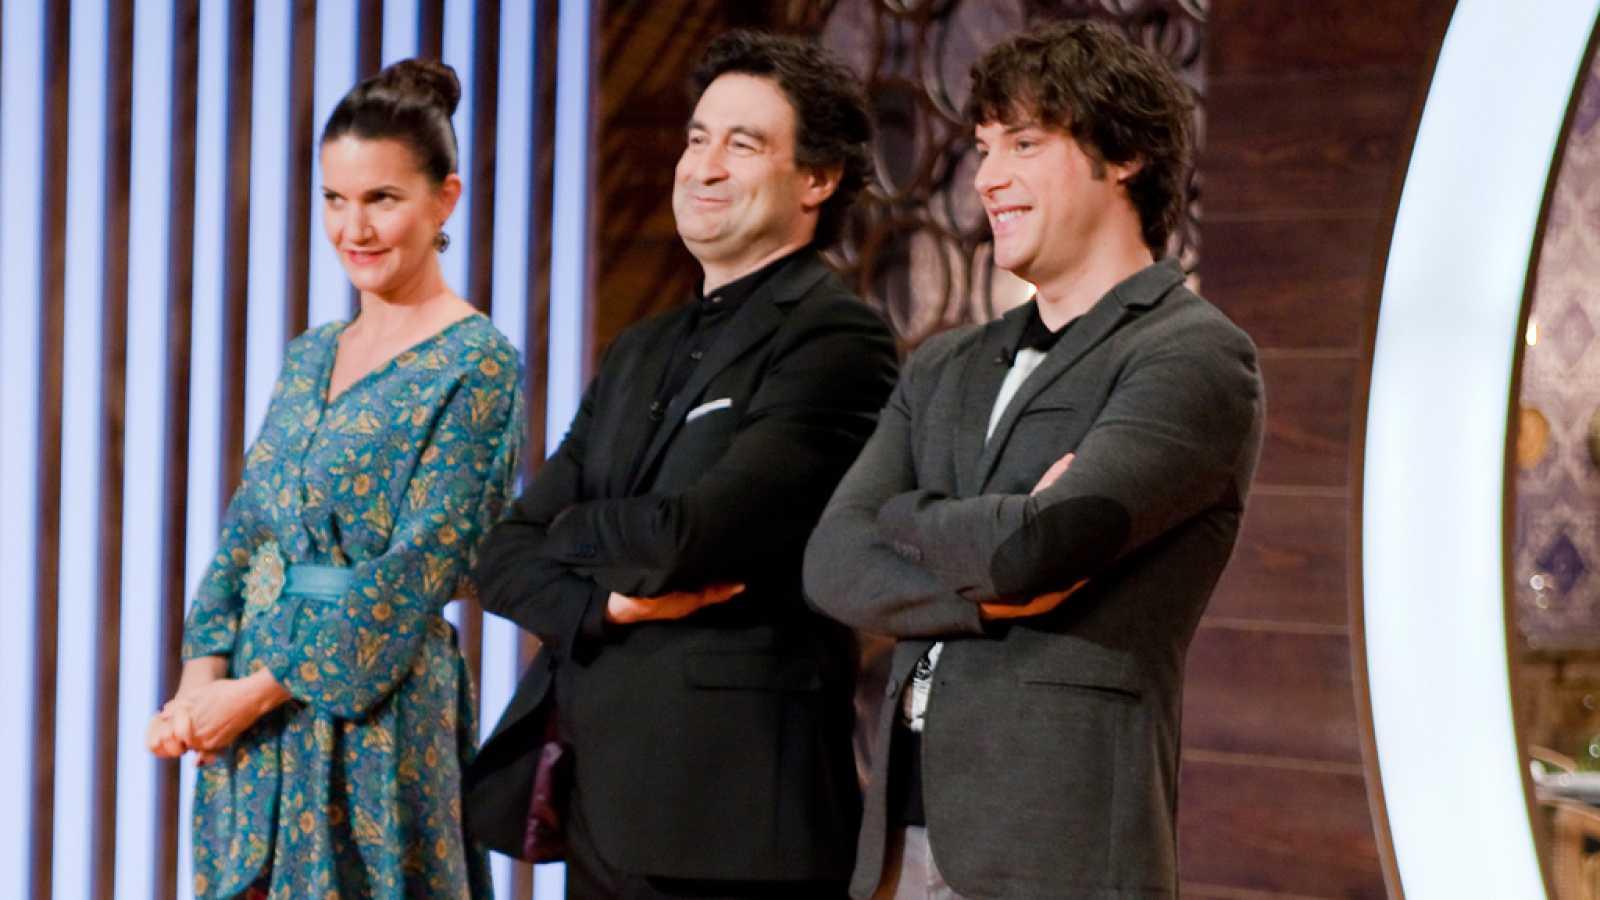 TVE prepara una edición especial de MasterChef con famosos